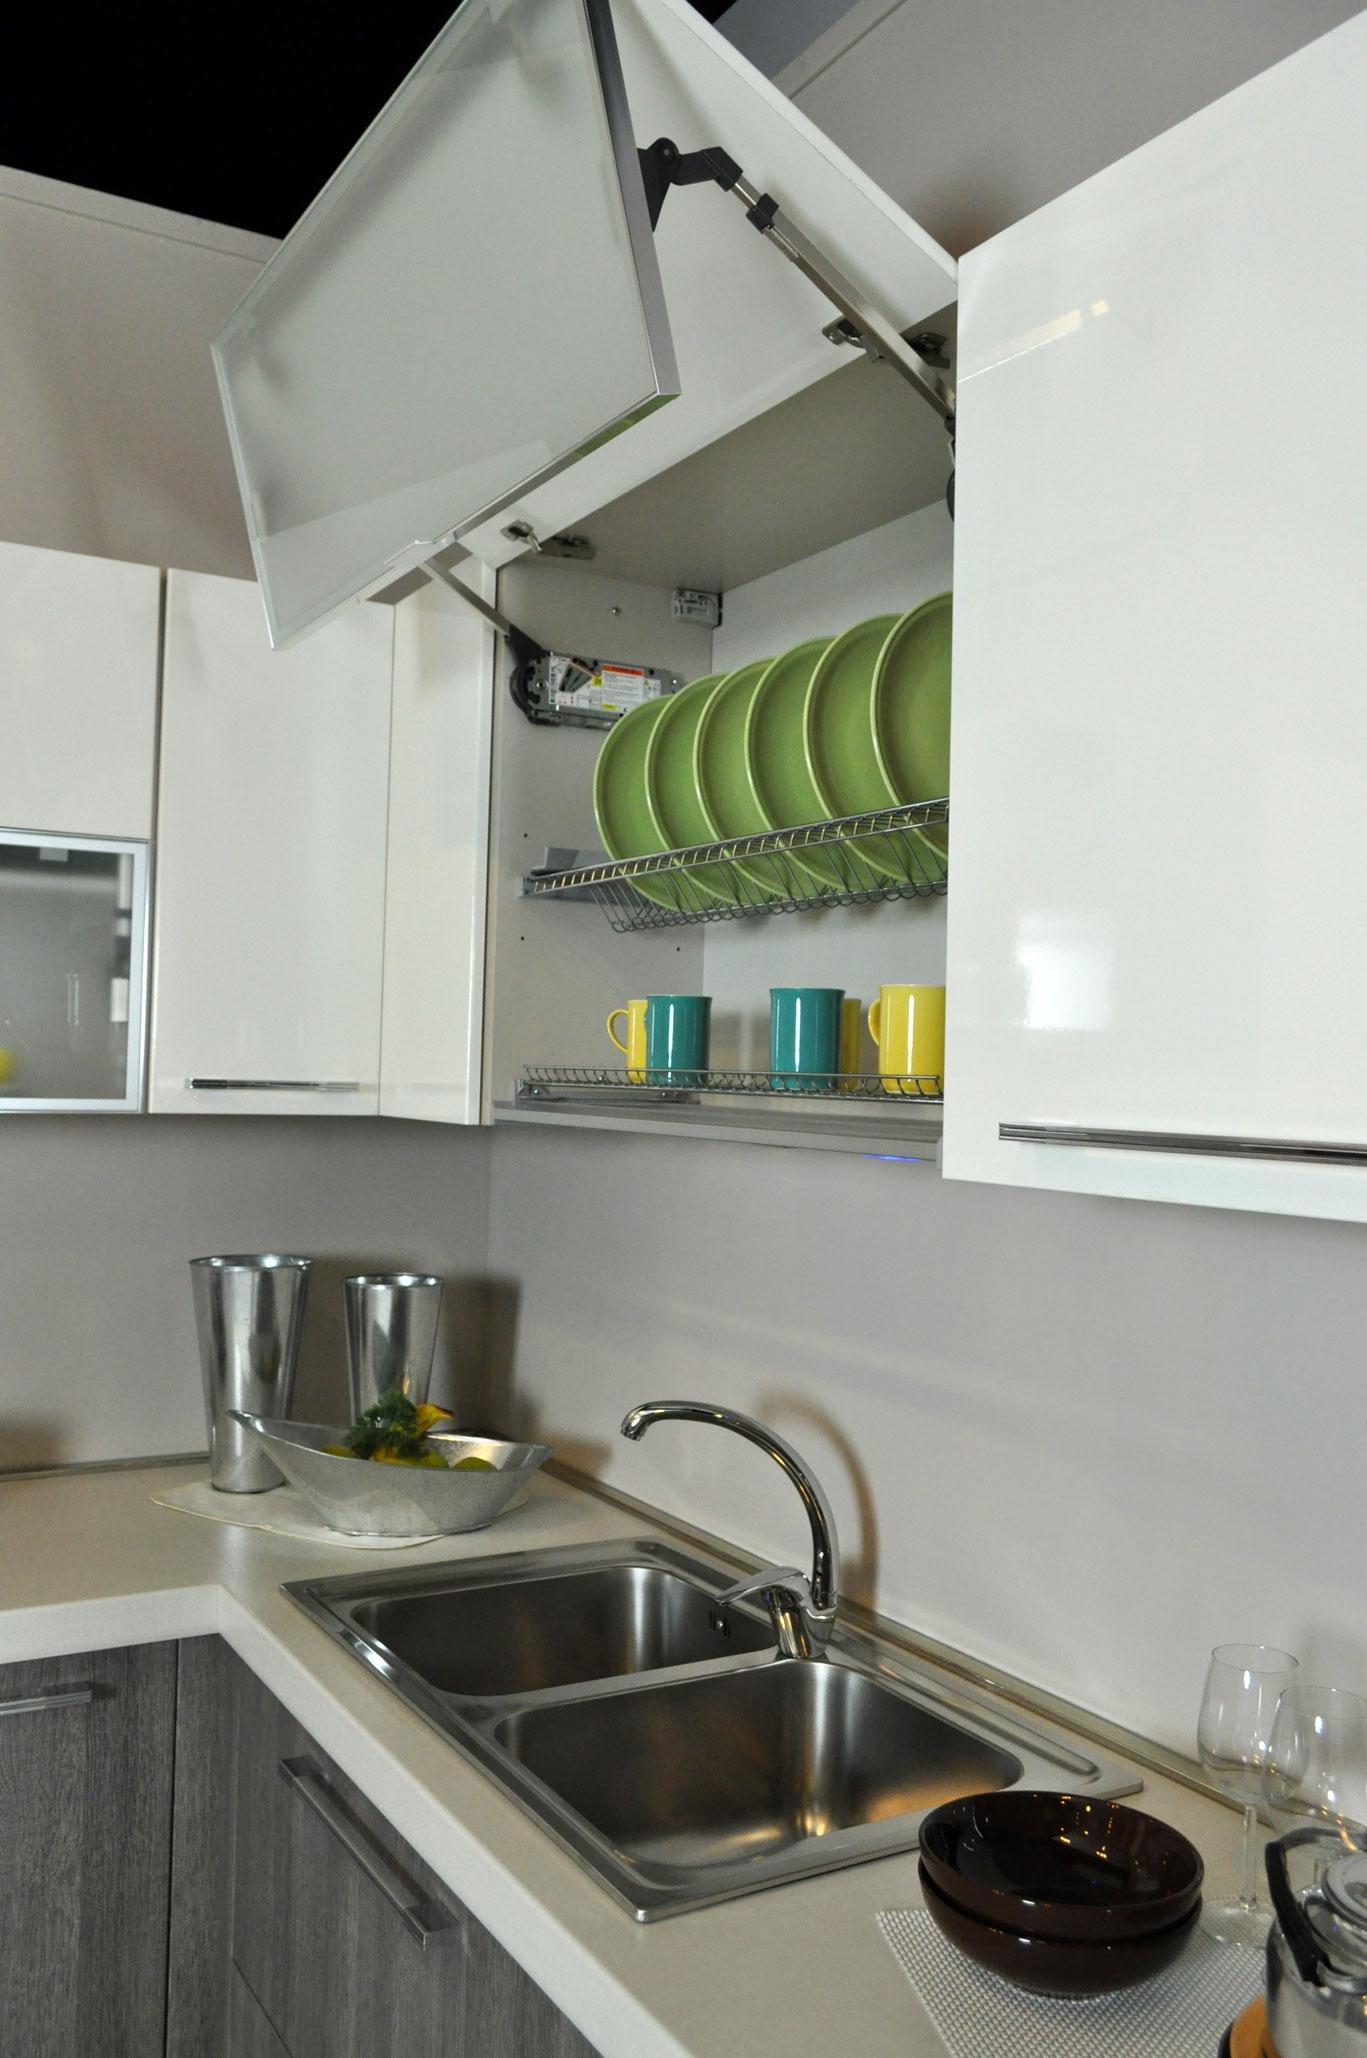 Cucina lube noemi angolare completa di elettrodomestici in - Elettrodomestici in cucina ...